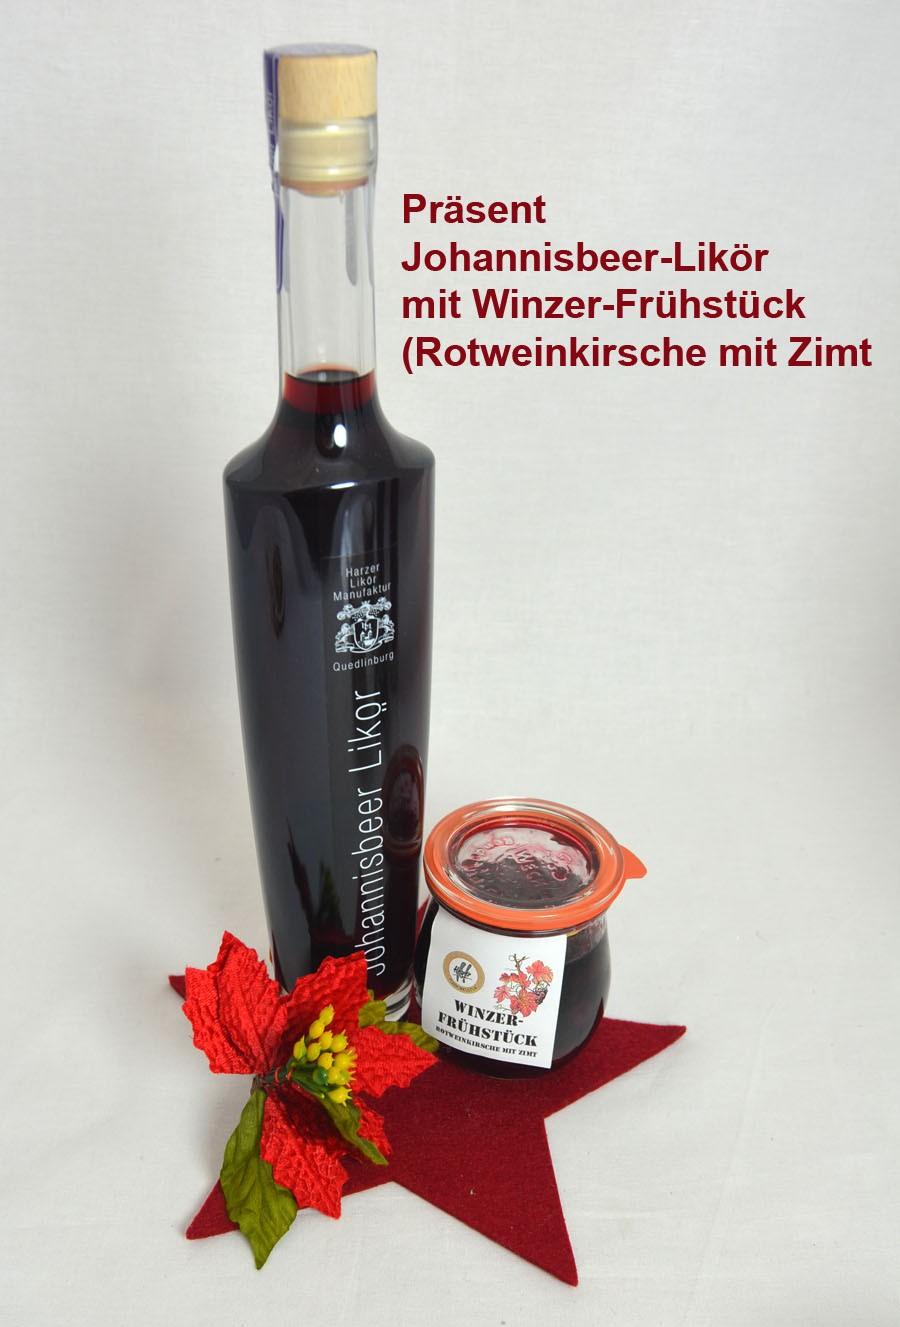 Geschenk-Set Johannisbeer-Likör mit Winzer-Frühstück